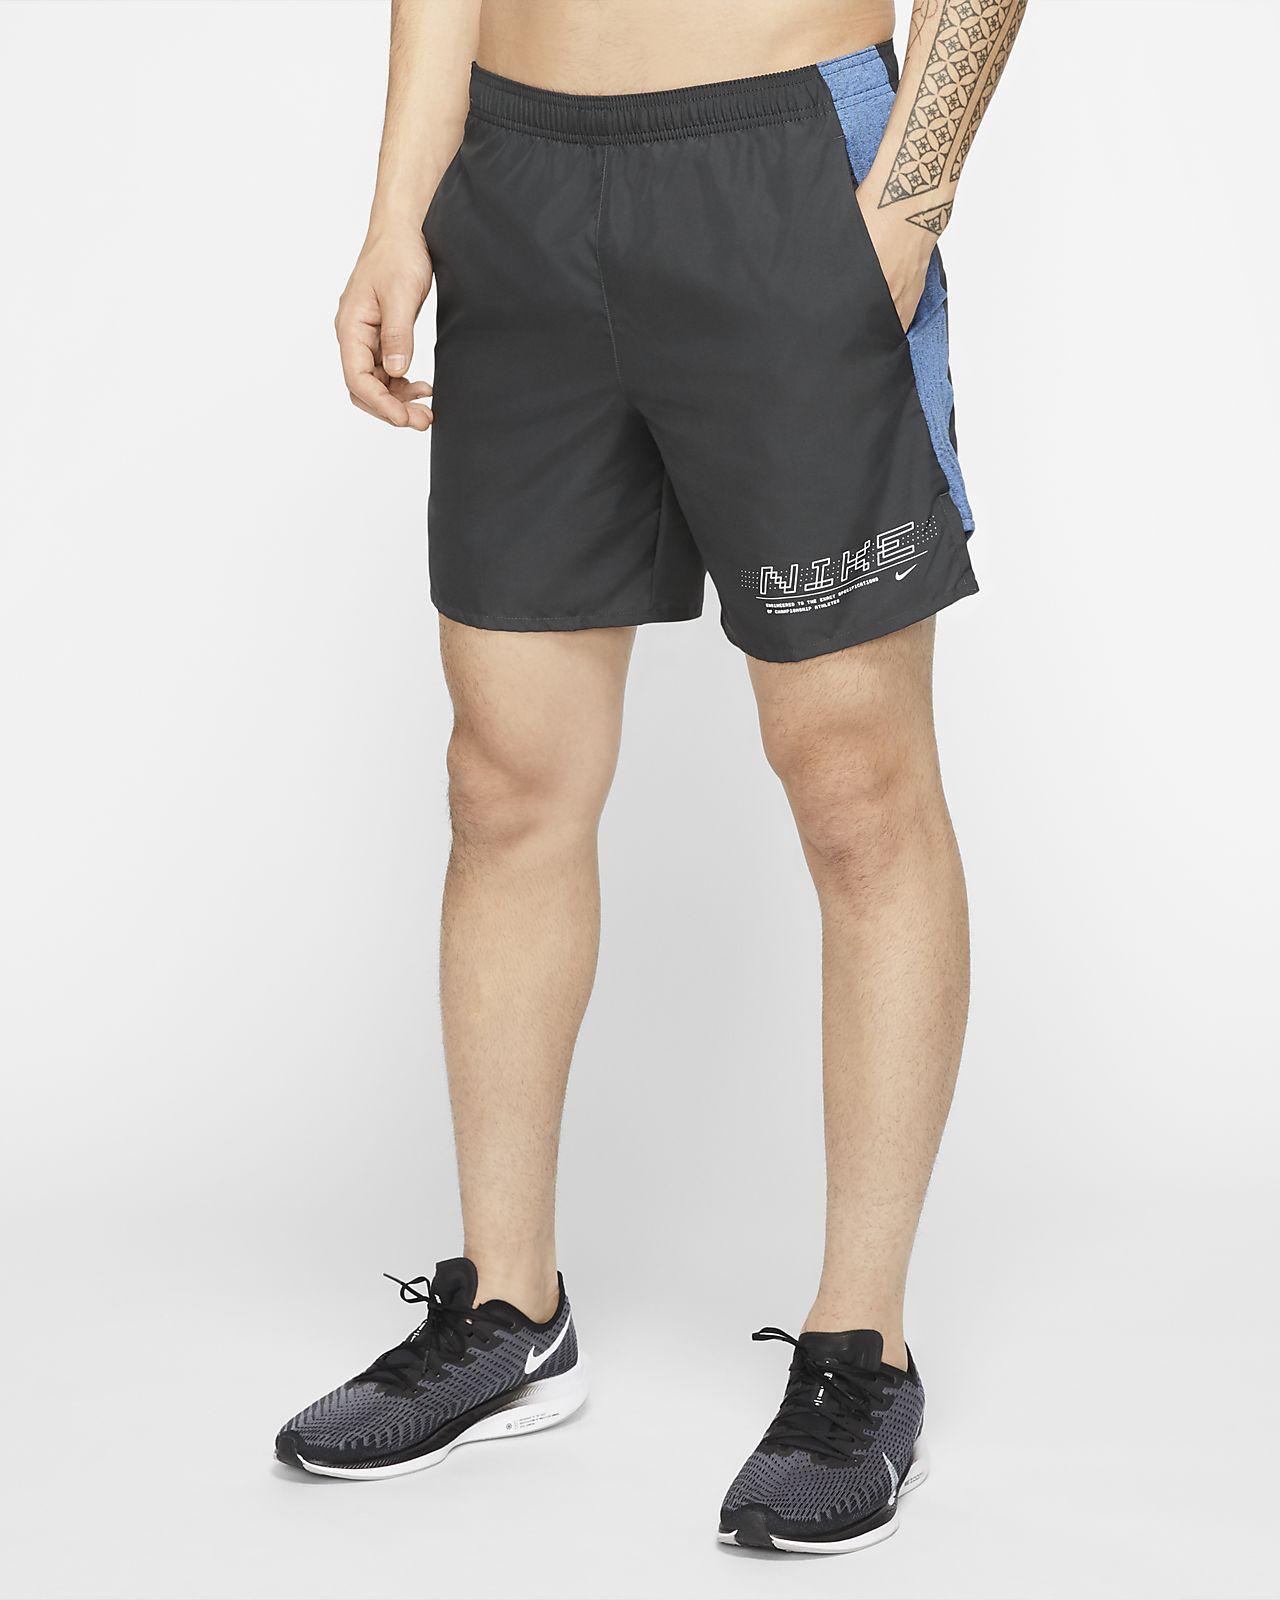 nike shorts running